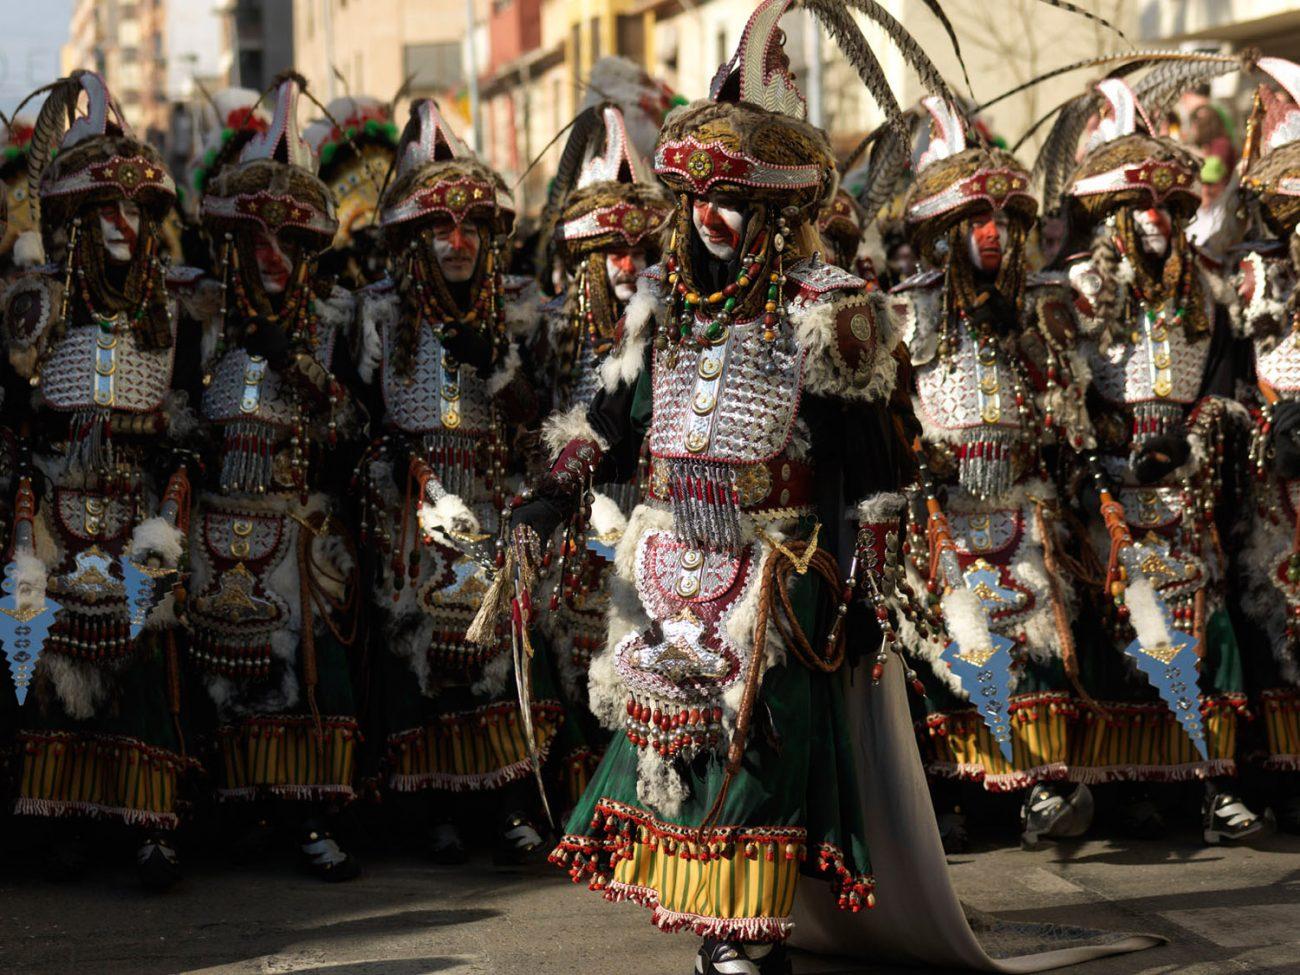 Fiestas de la Magdalena Castellón de la Plana #986A33 1300x975